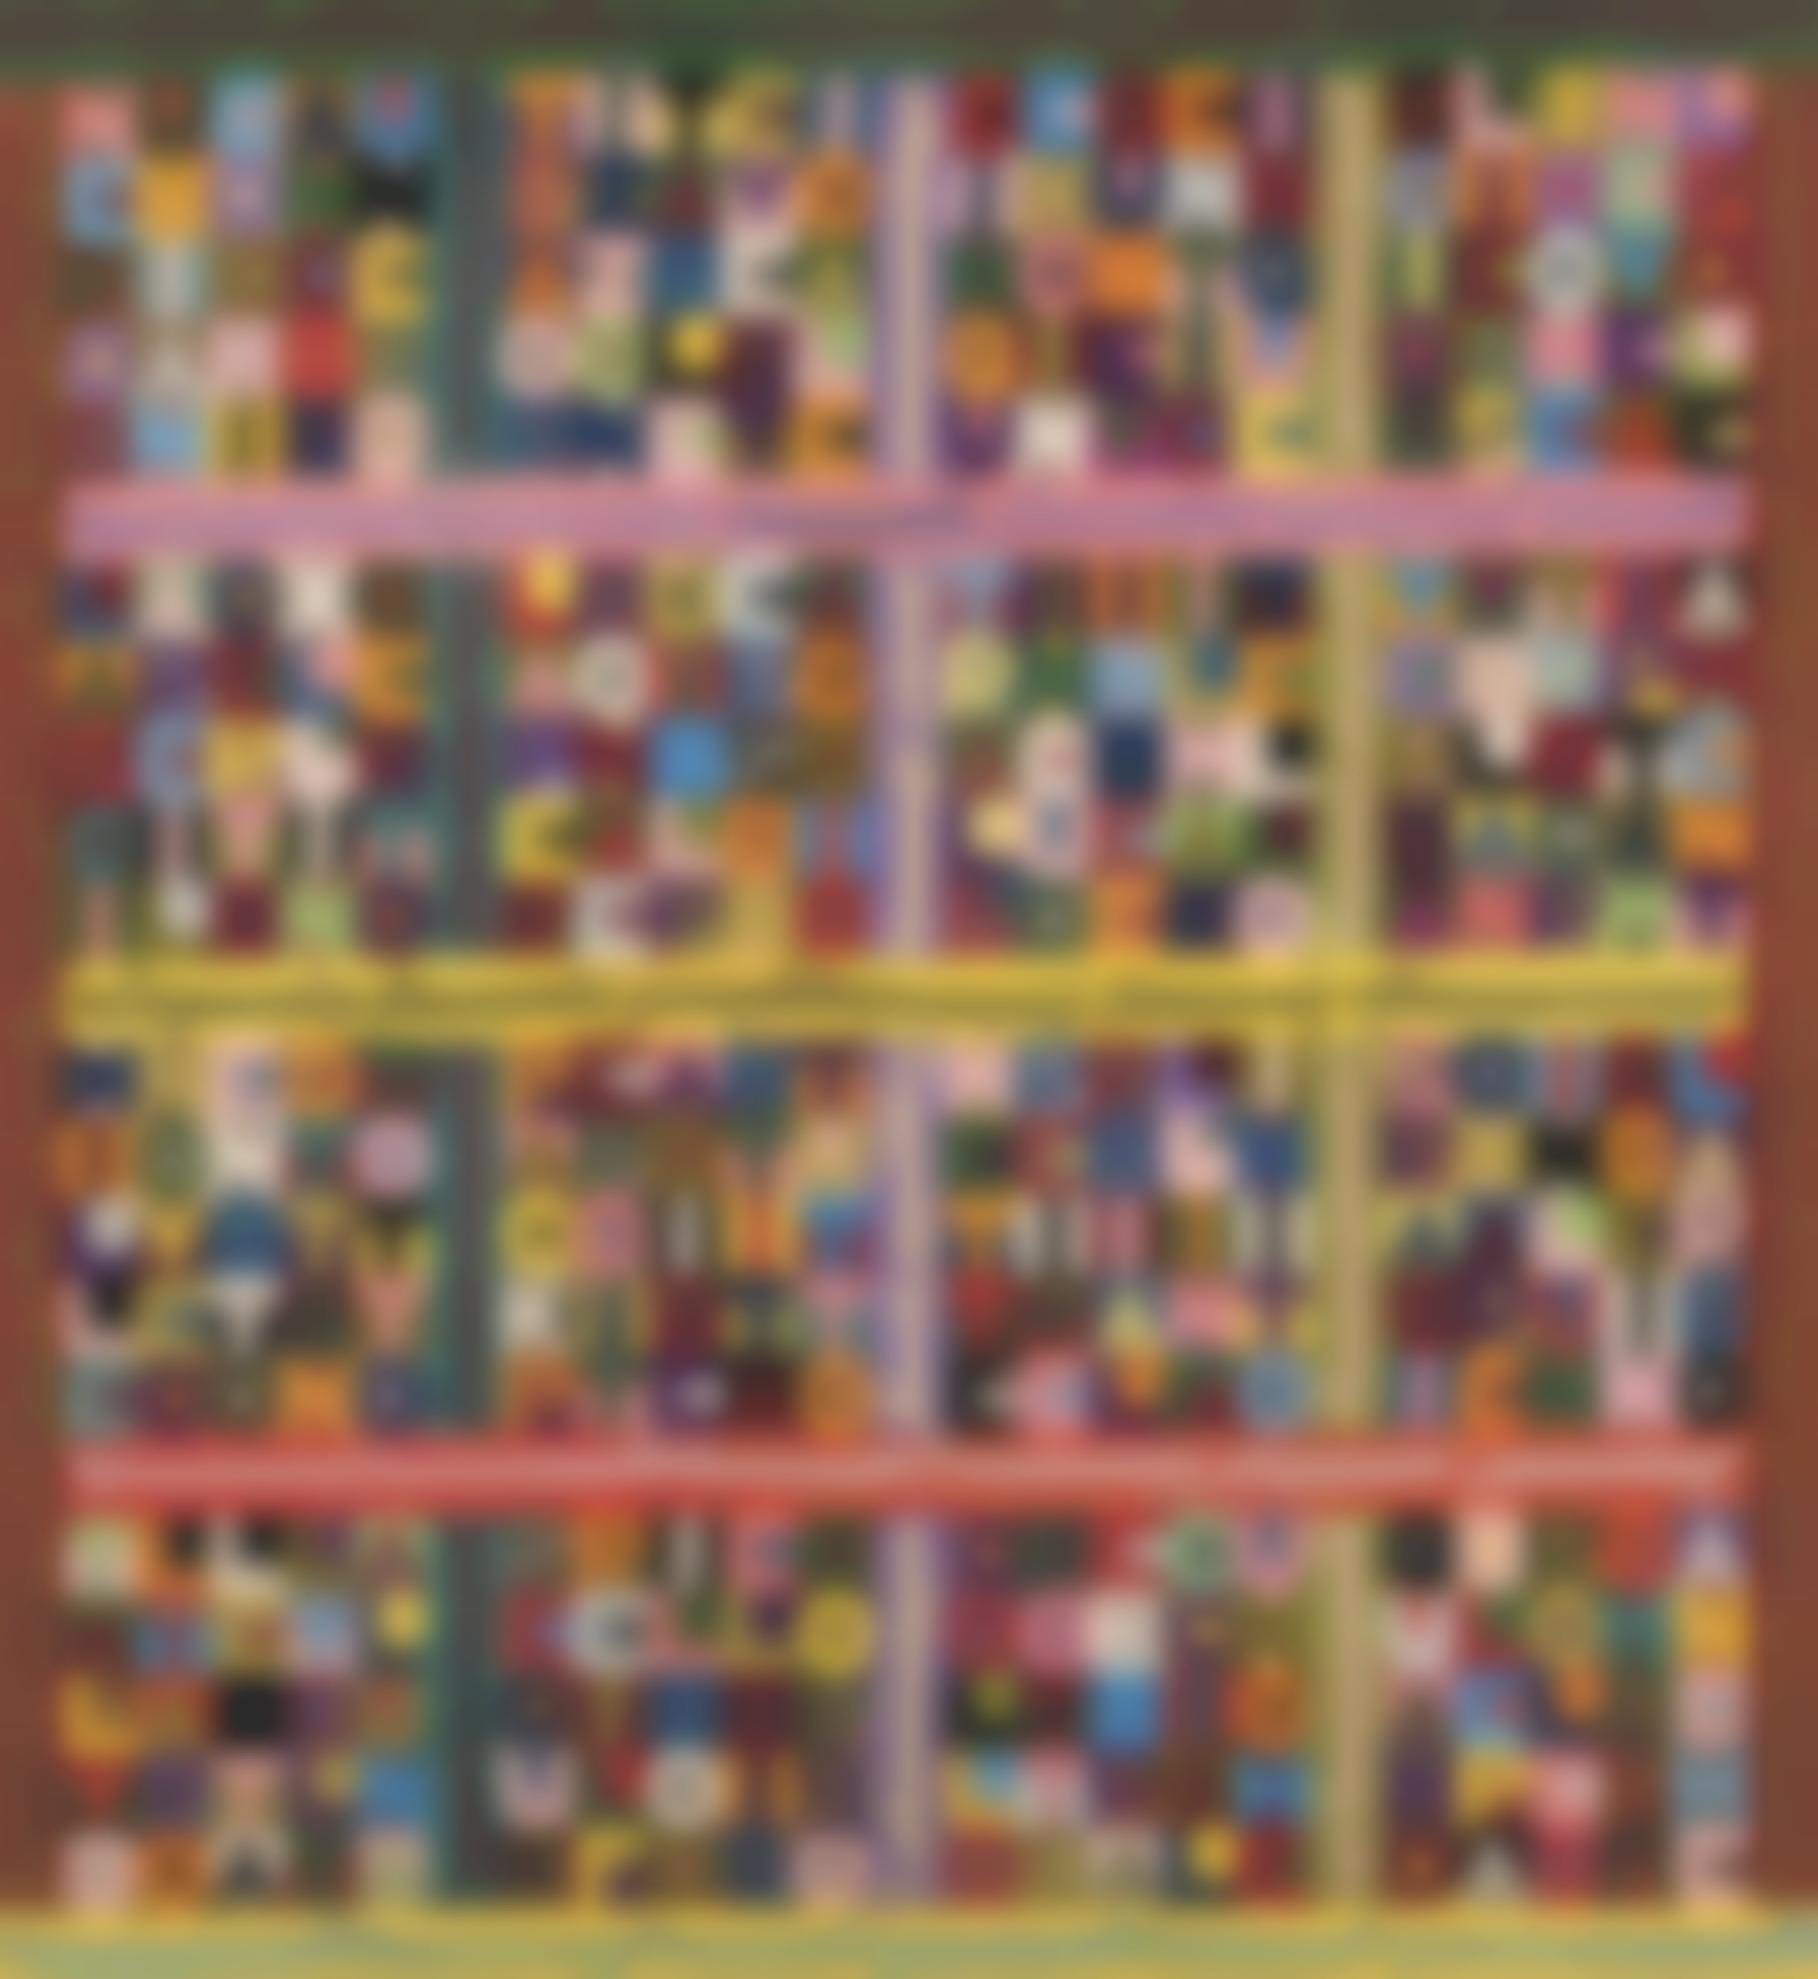 Alighiero Boetti-Senza Titolo (Nero Su Bianco E Bianco Su Nero, Tra Orizzontale E Verticale, Cinque X Cinque Venticinque...)-1988